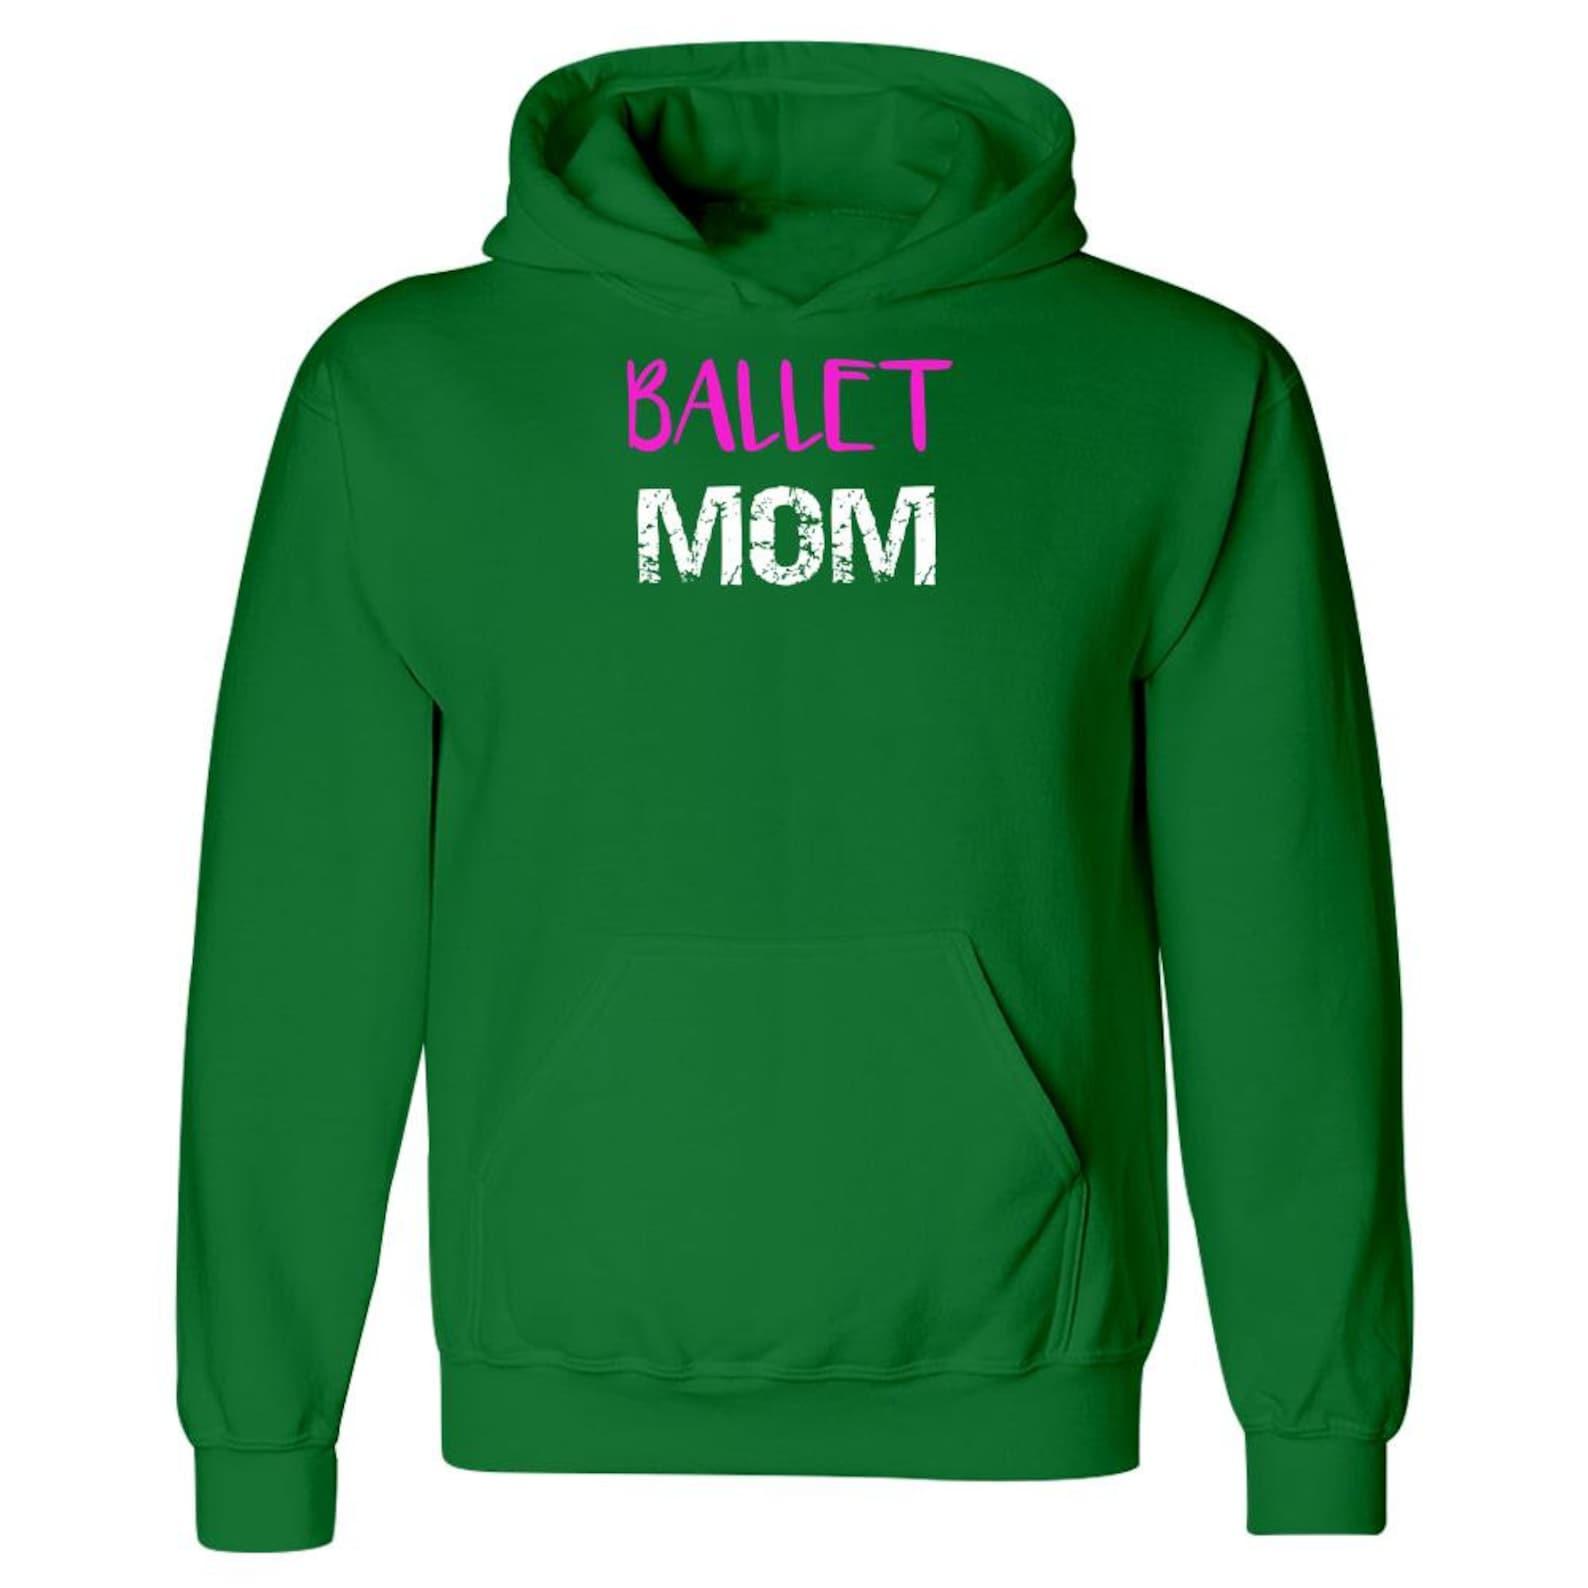 ballet mom ballerina mom dance mom - hoodie